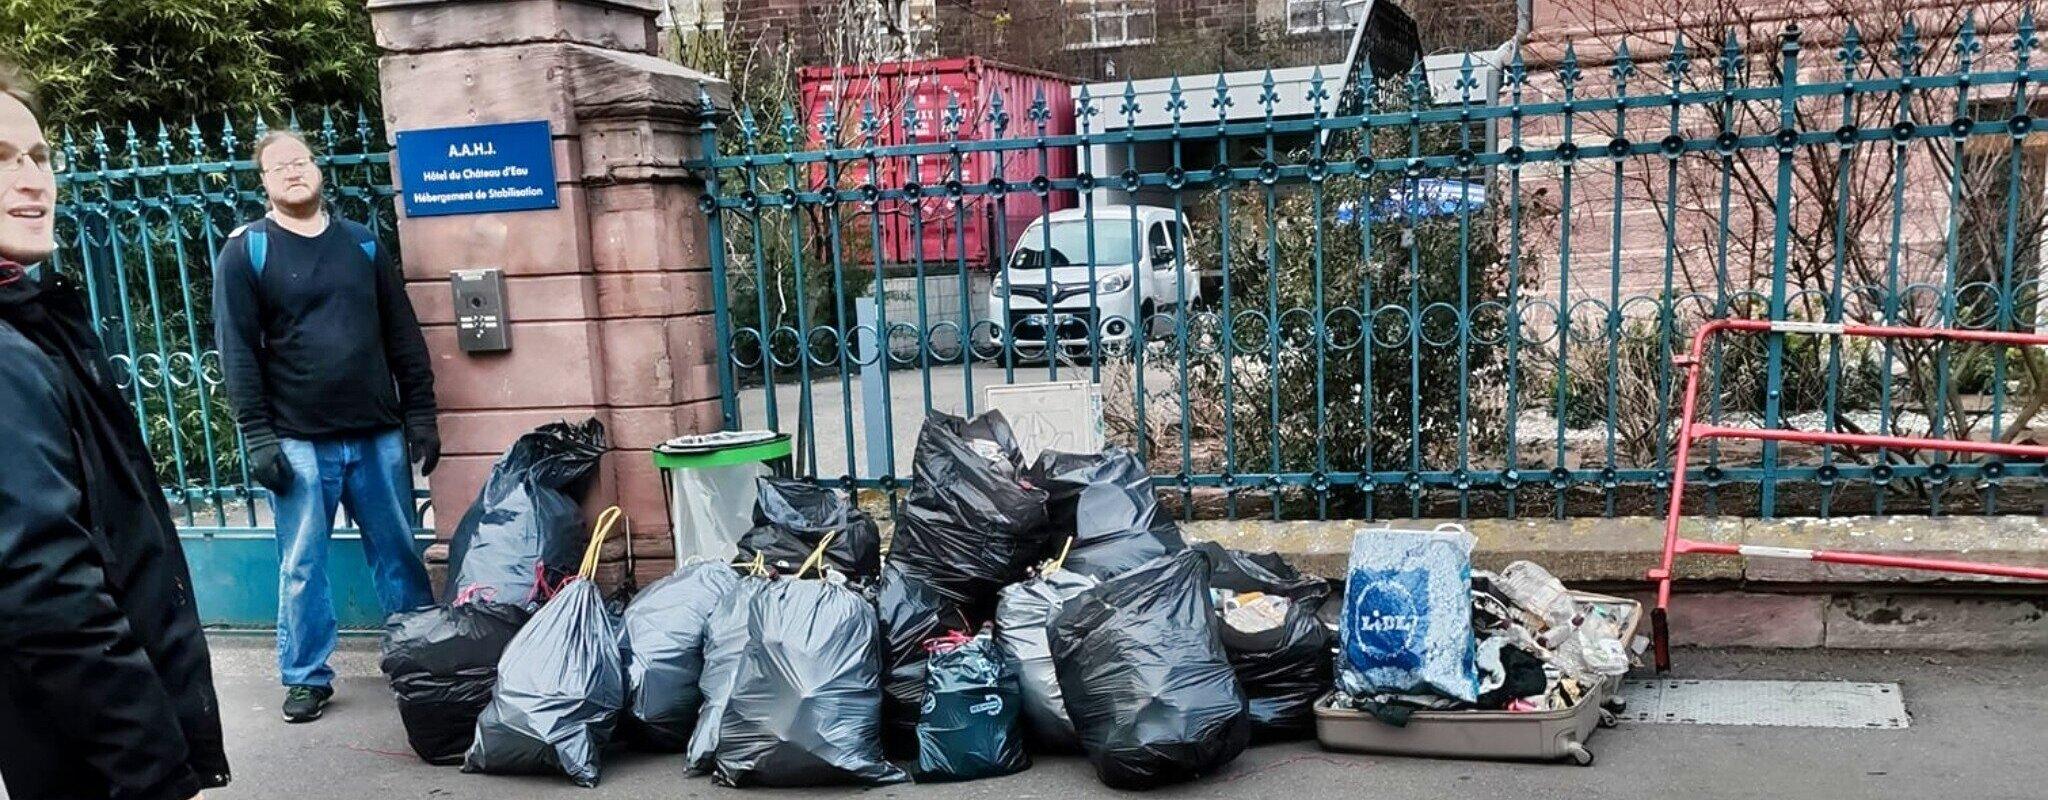 Il ramasse des déchets dans la rue, la police le verbalise